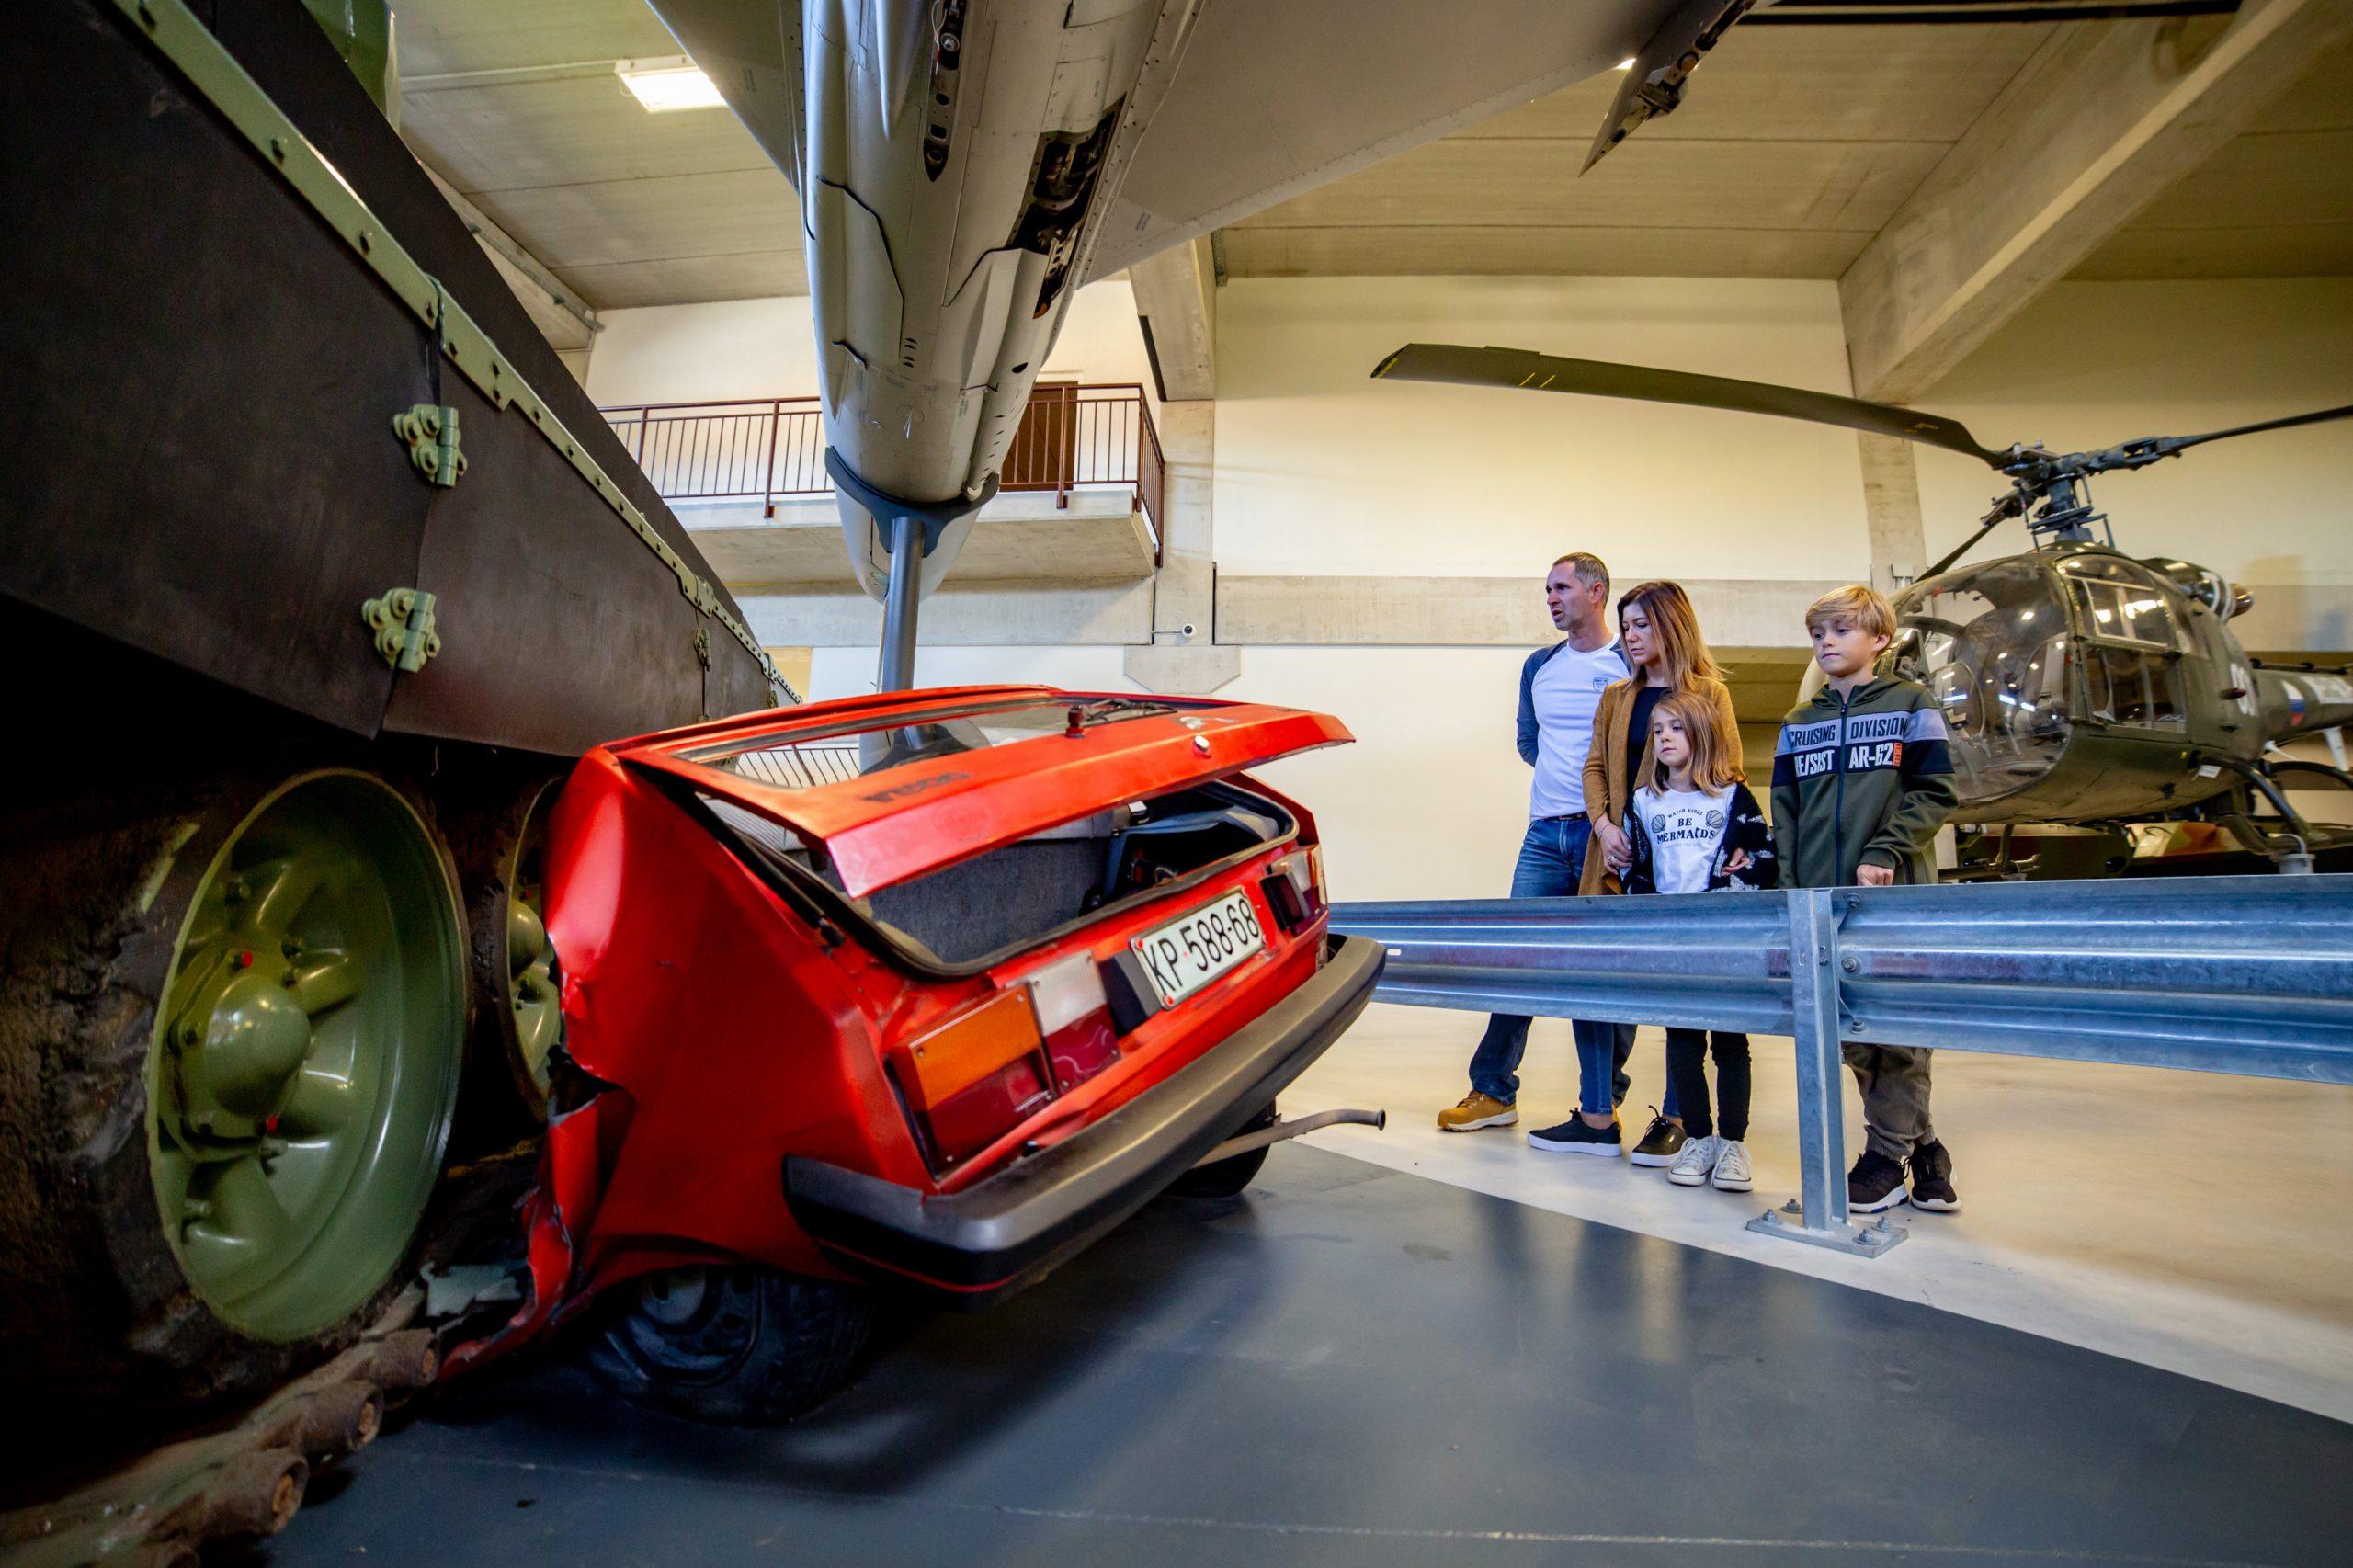 Družina v muzeju, ogleduje si prikaz, kako je tank zmečkal rdeči avtomobil znamke jugo.